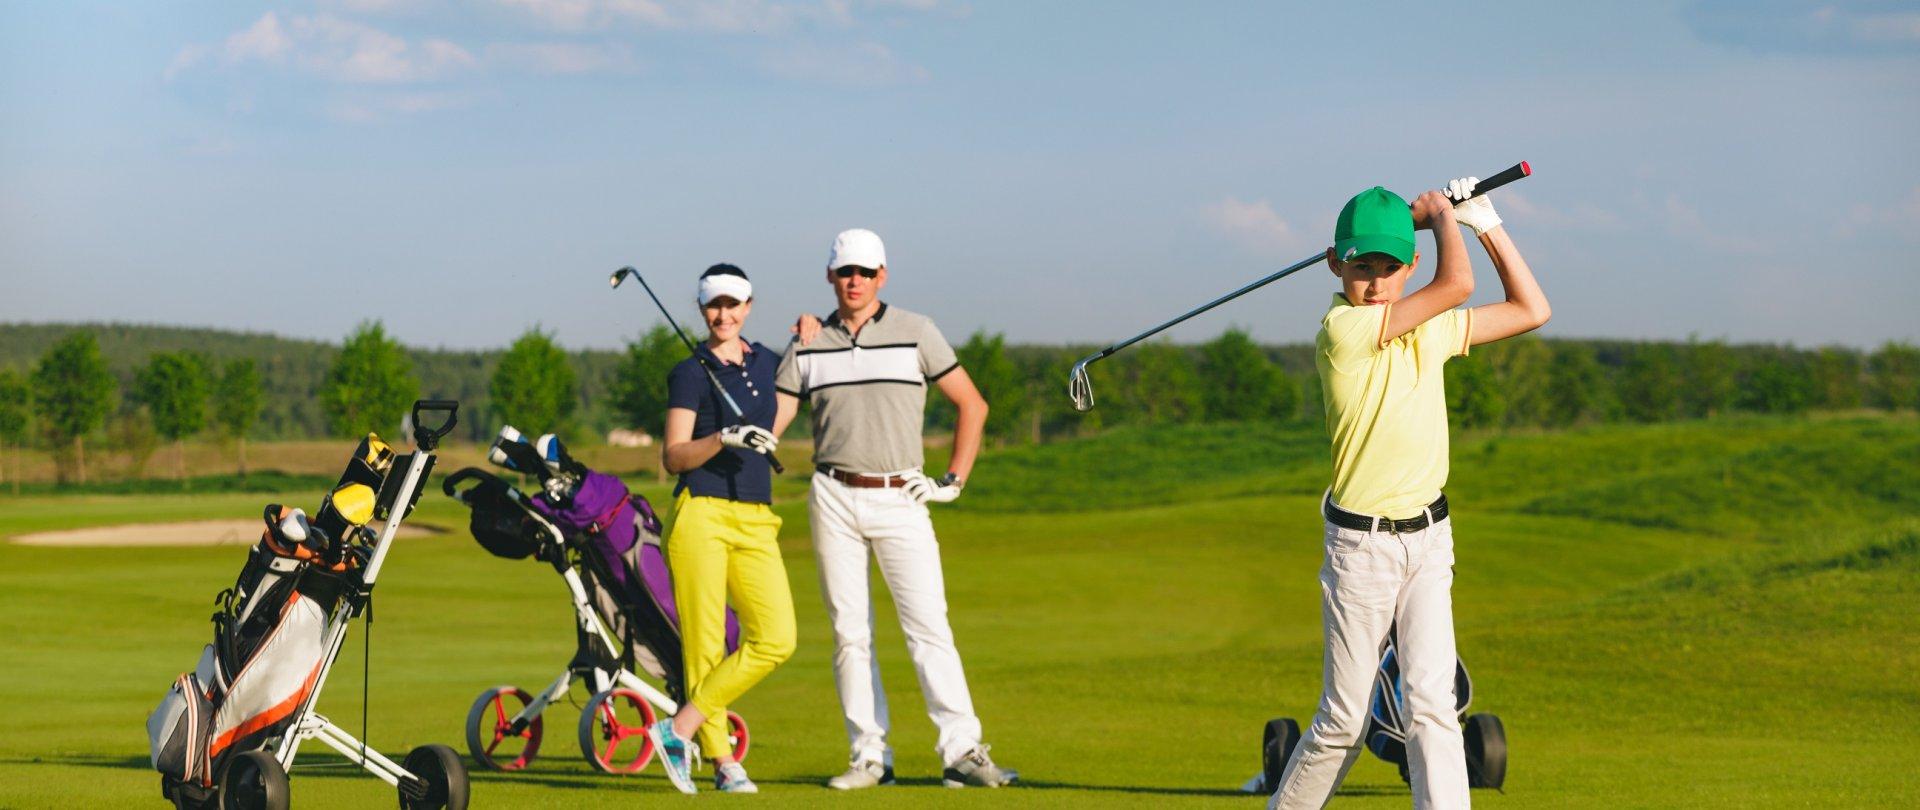 Wypoczynkowy Pakiet Golfisty - Wiosna 2020